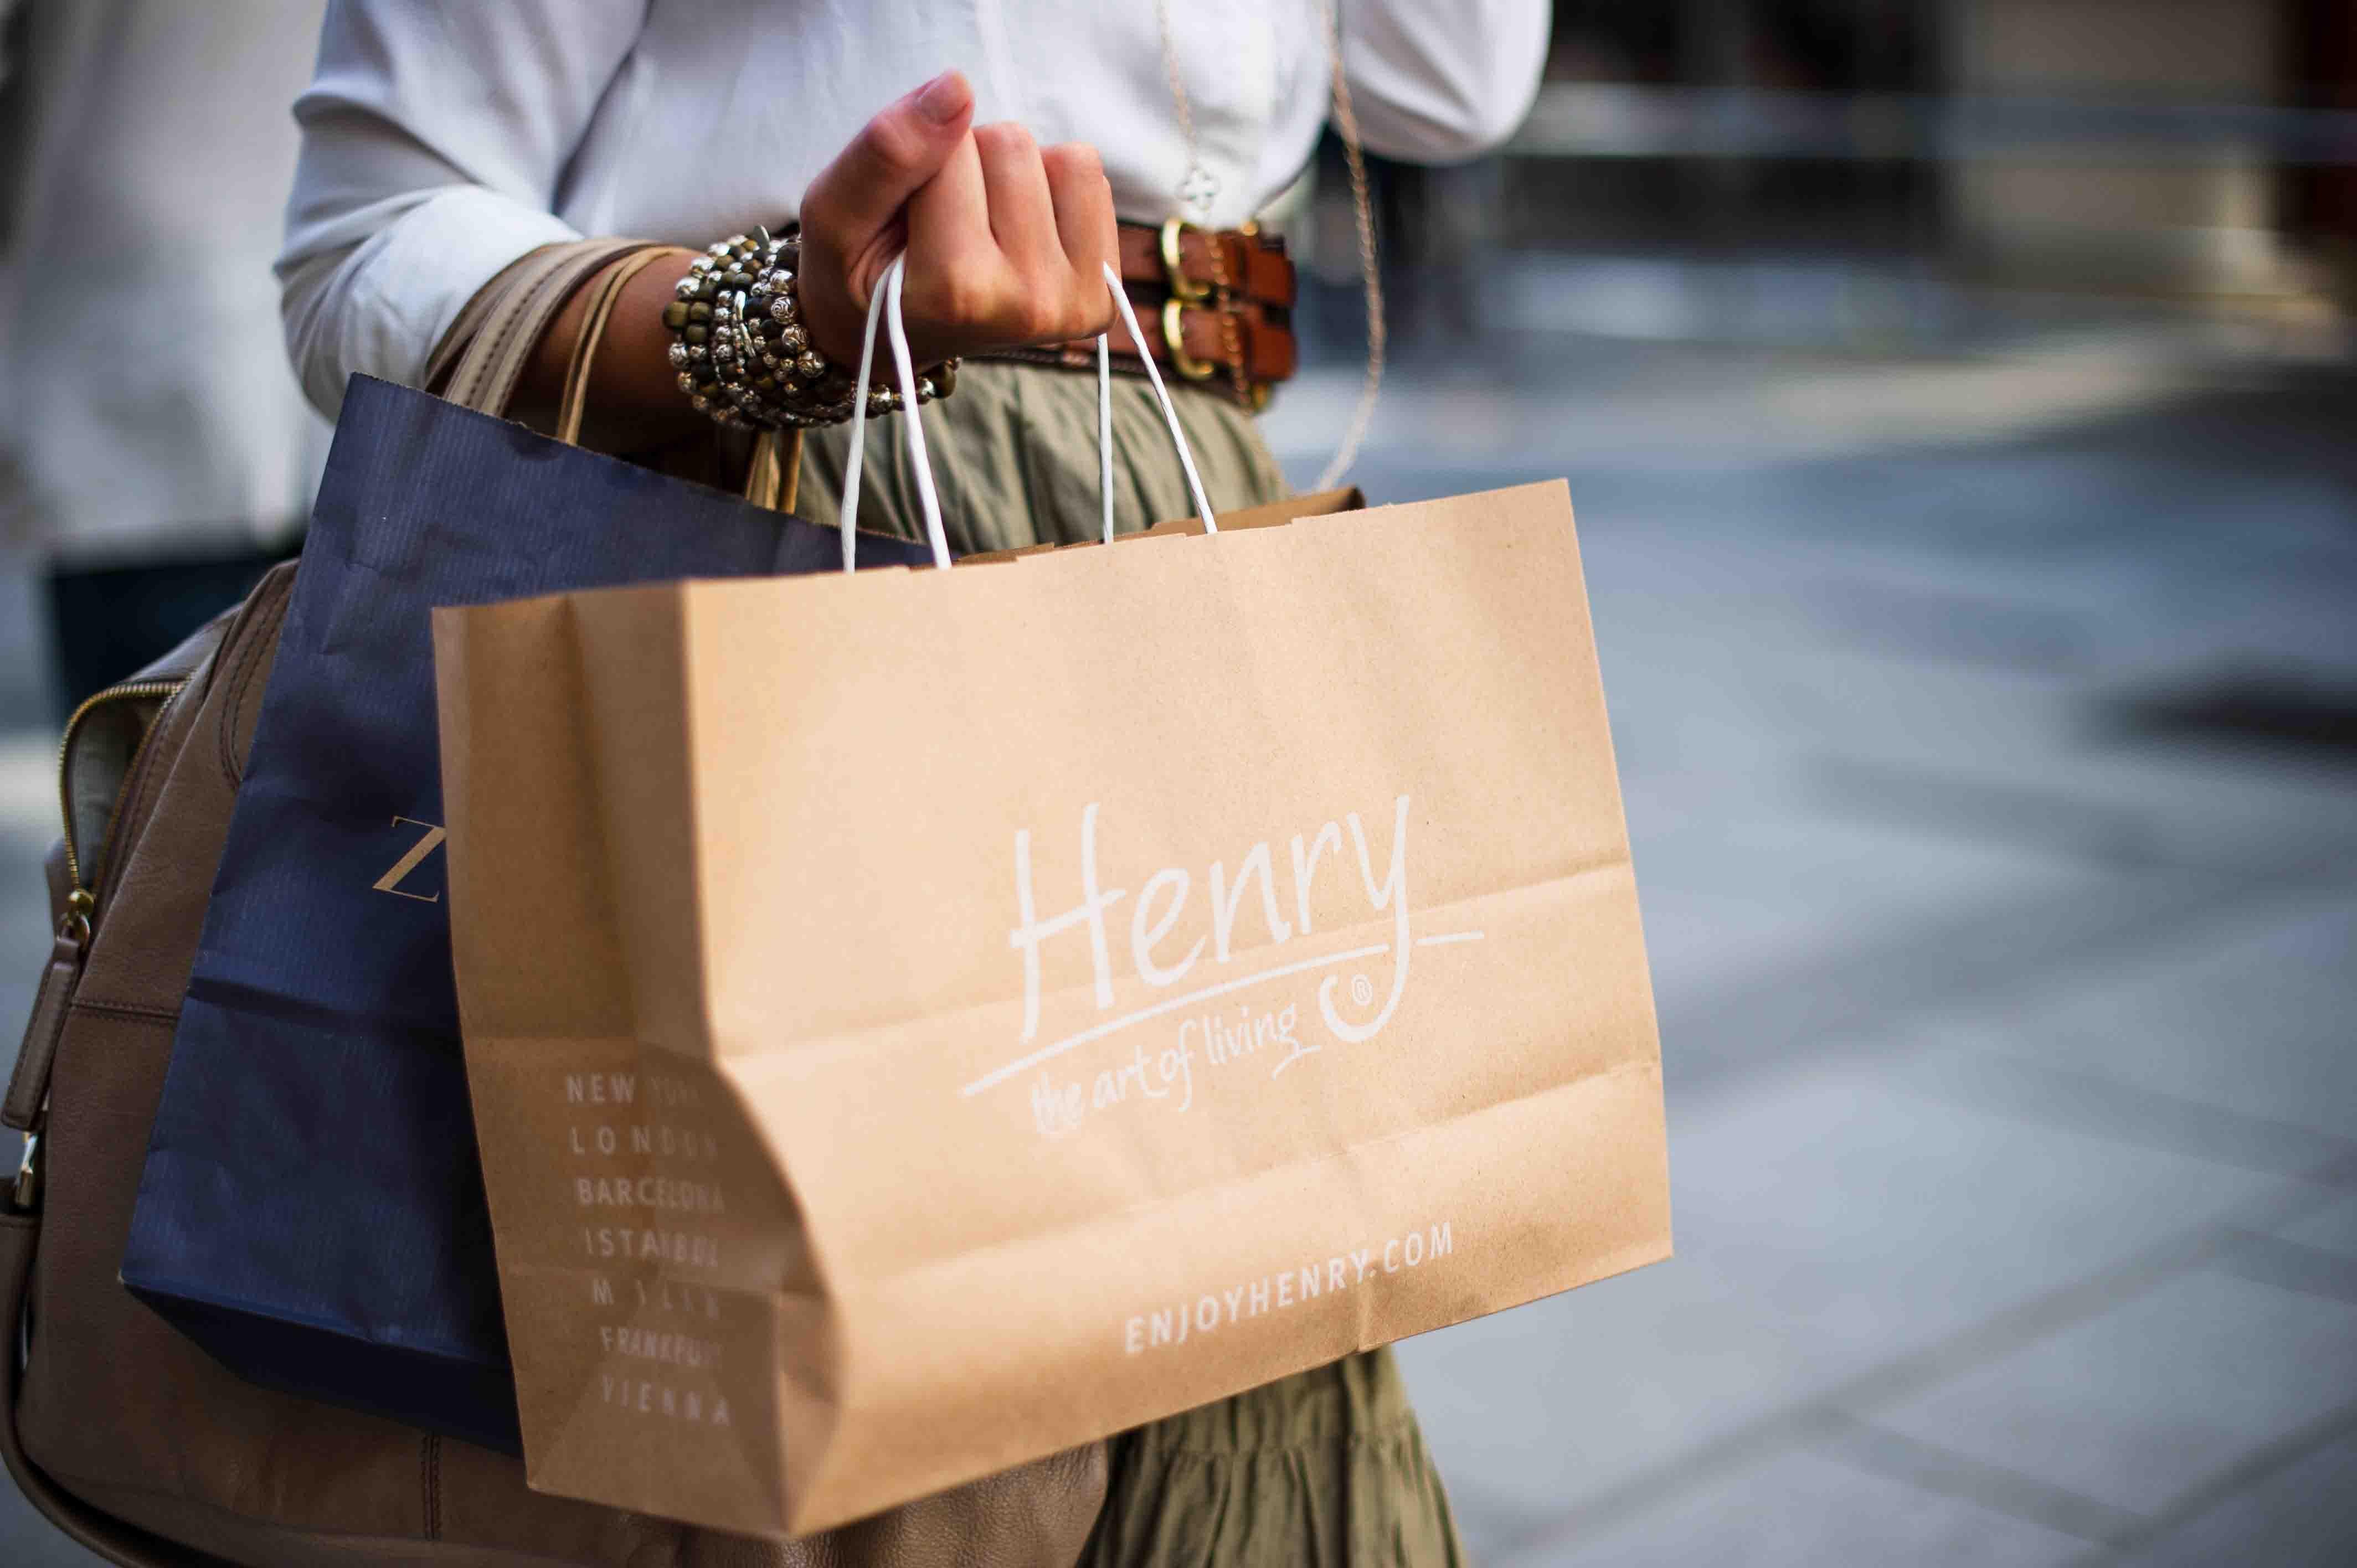 Einkaufstaschen einer Frau